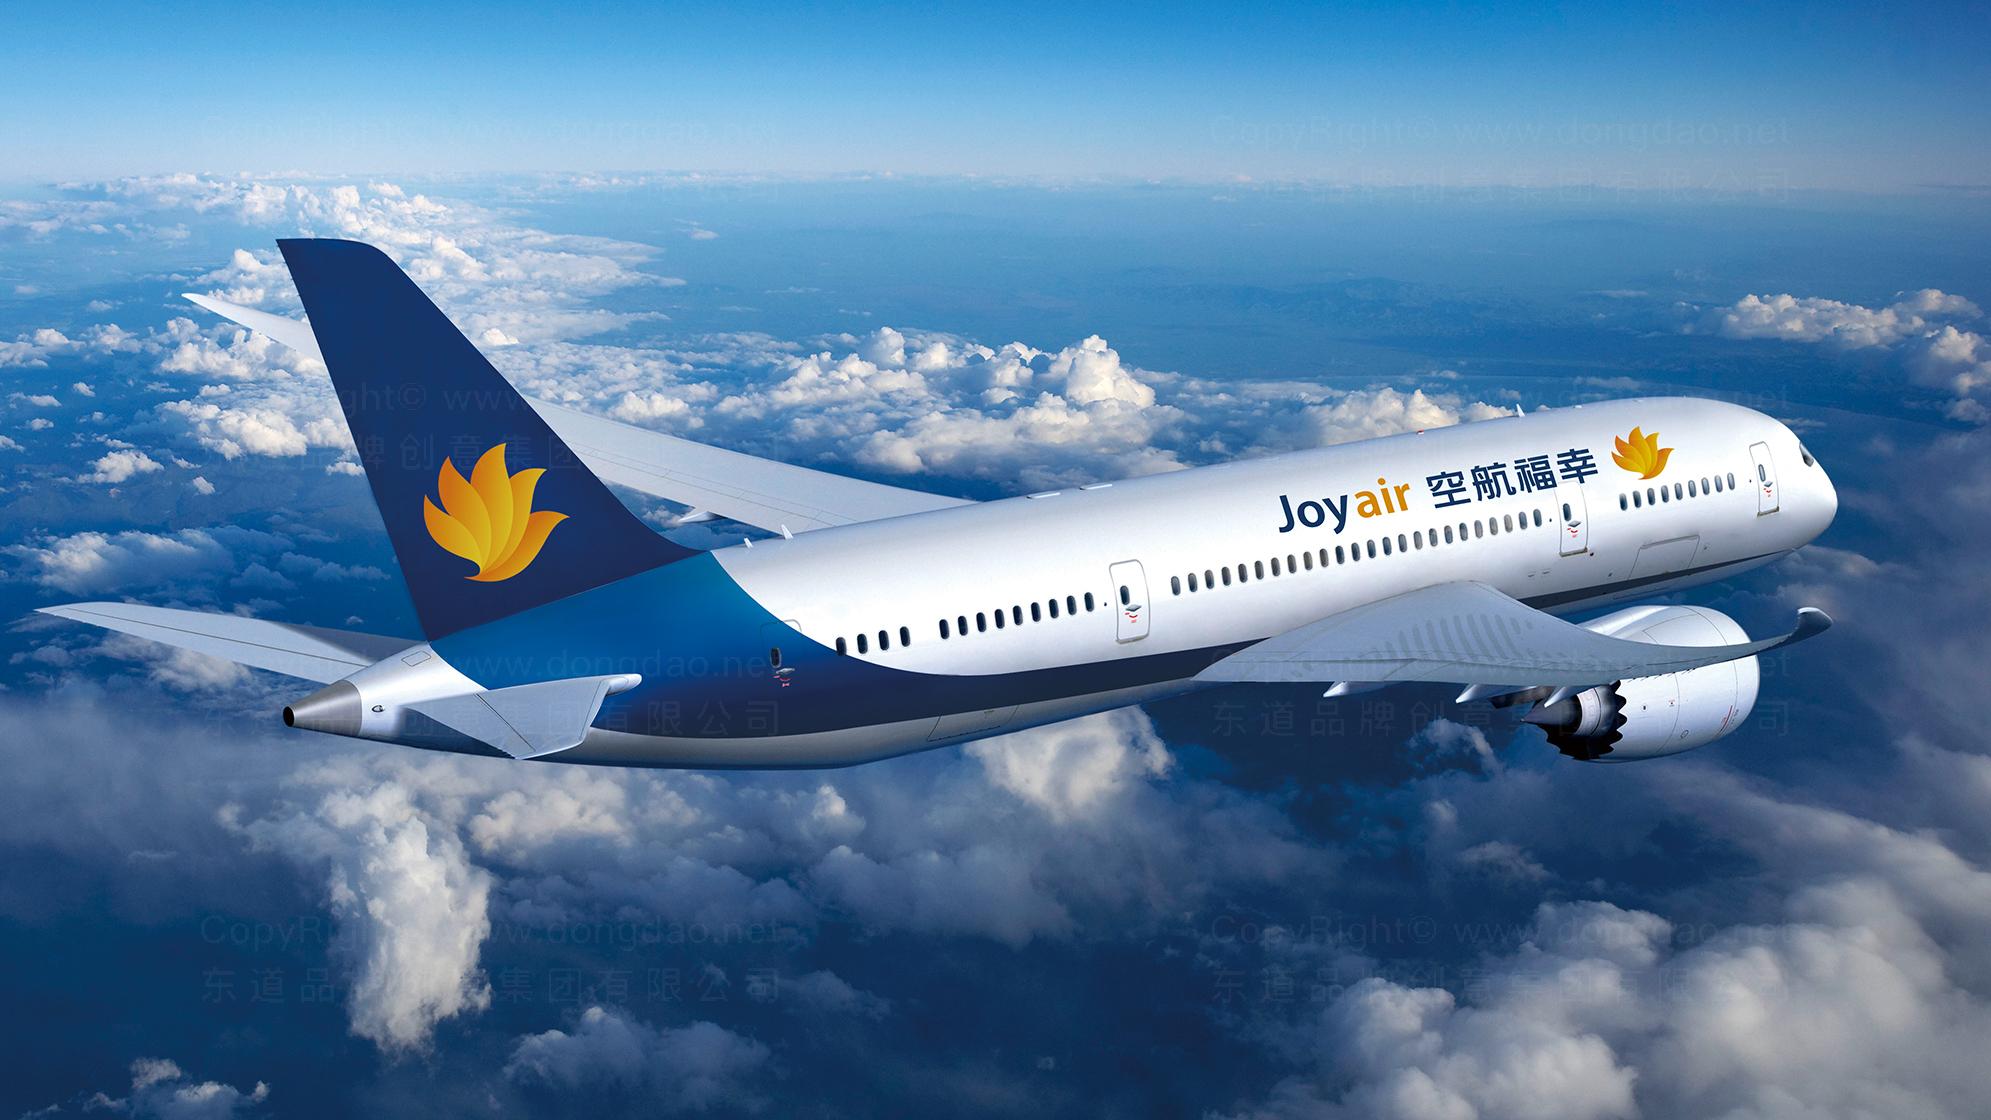 航空公司logo设计、vi设计